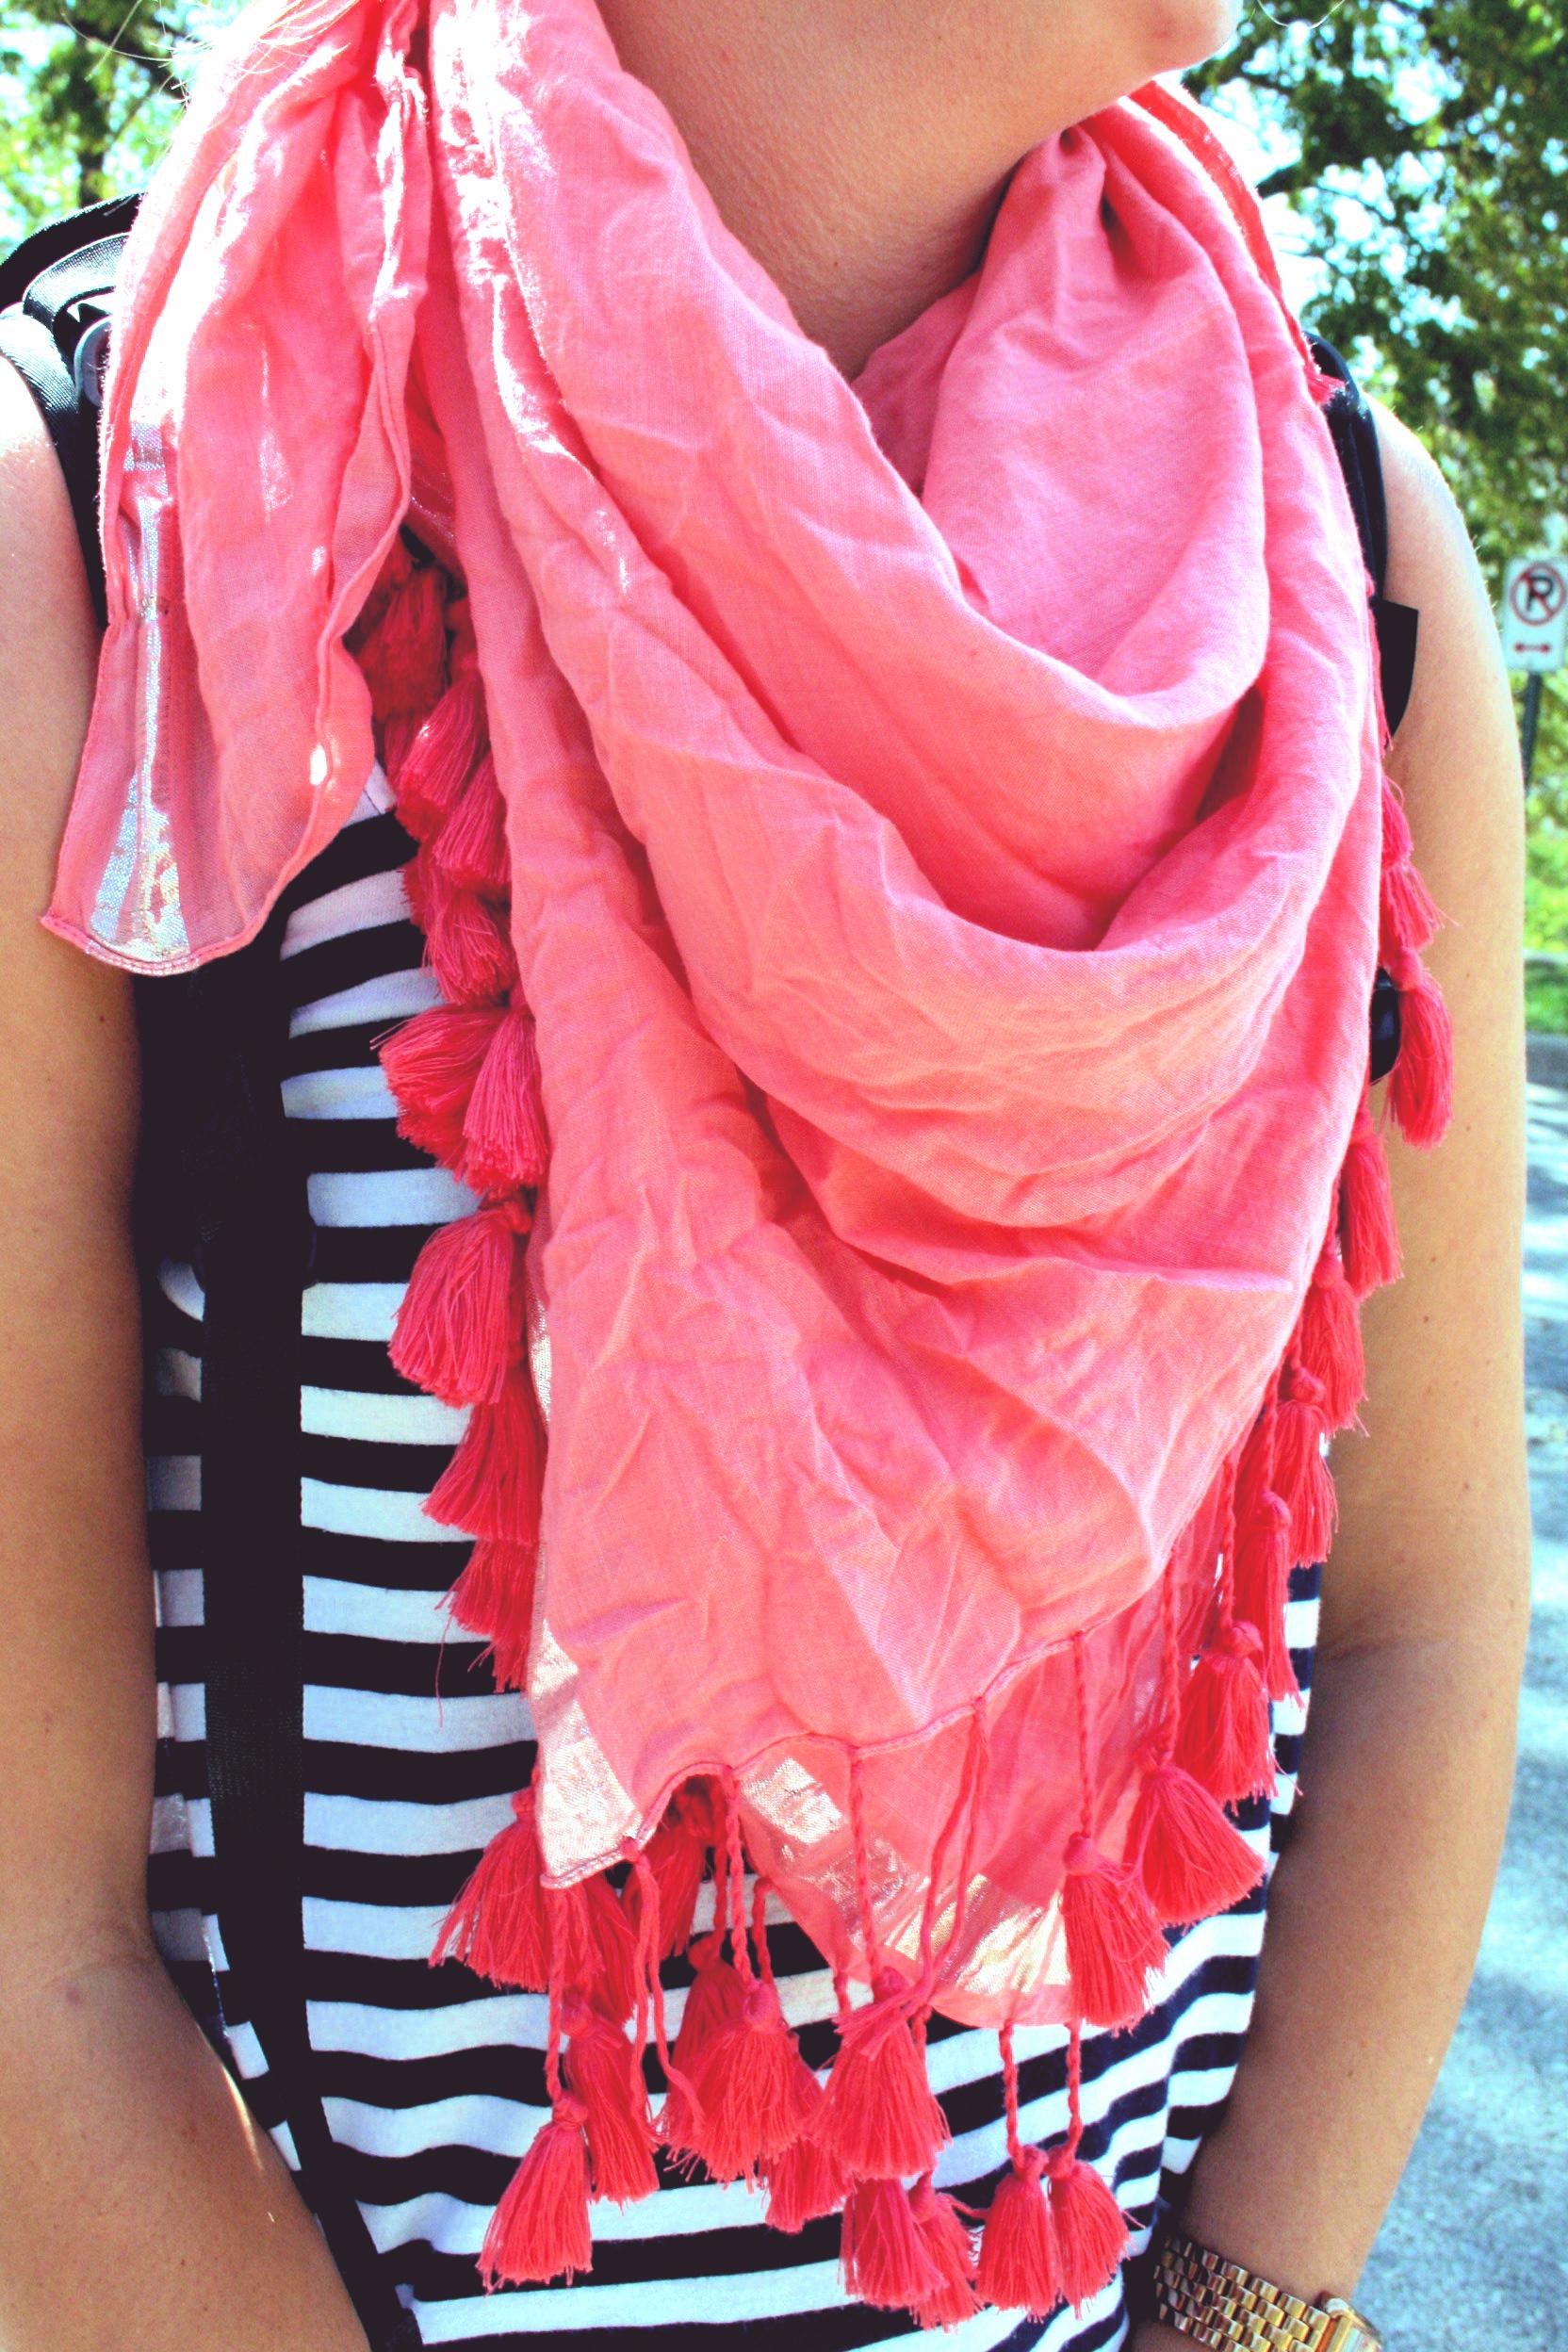 ellen's pretty pink scarf.